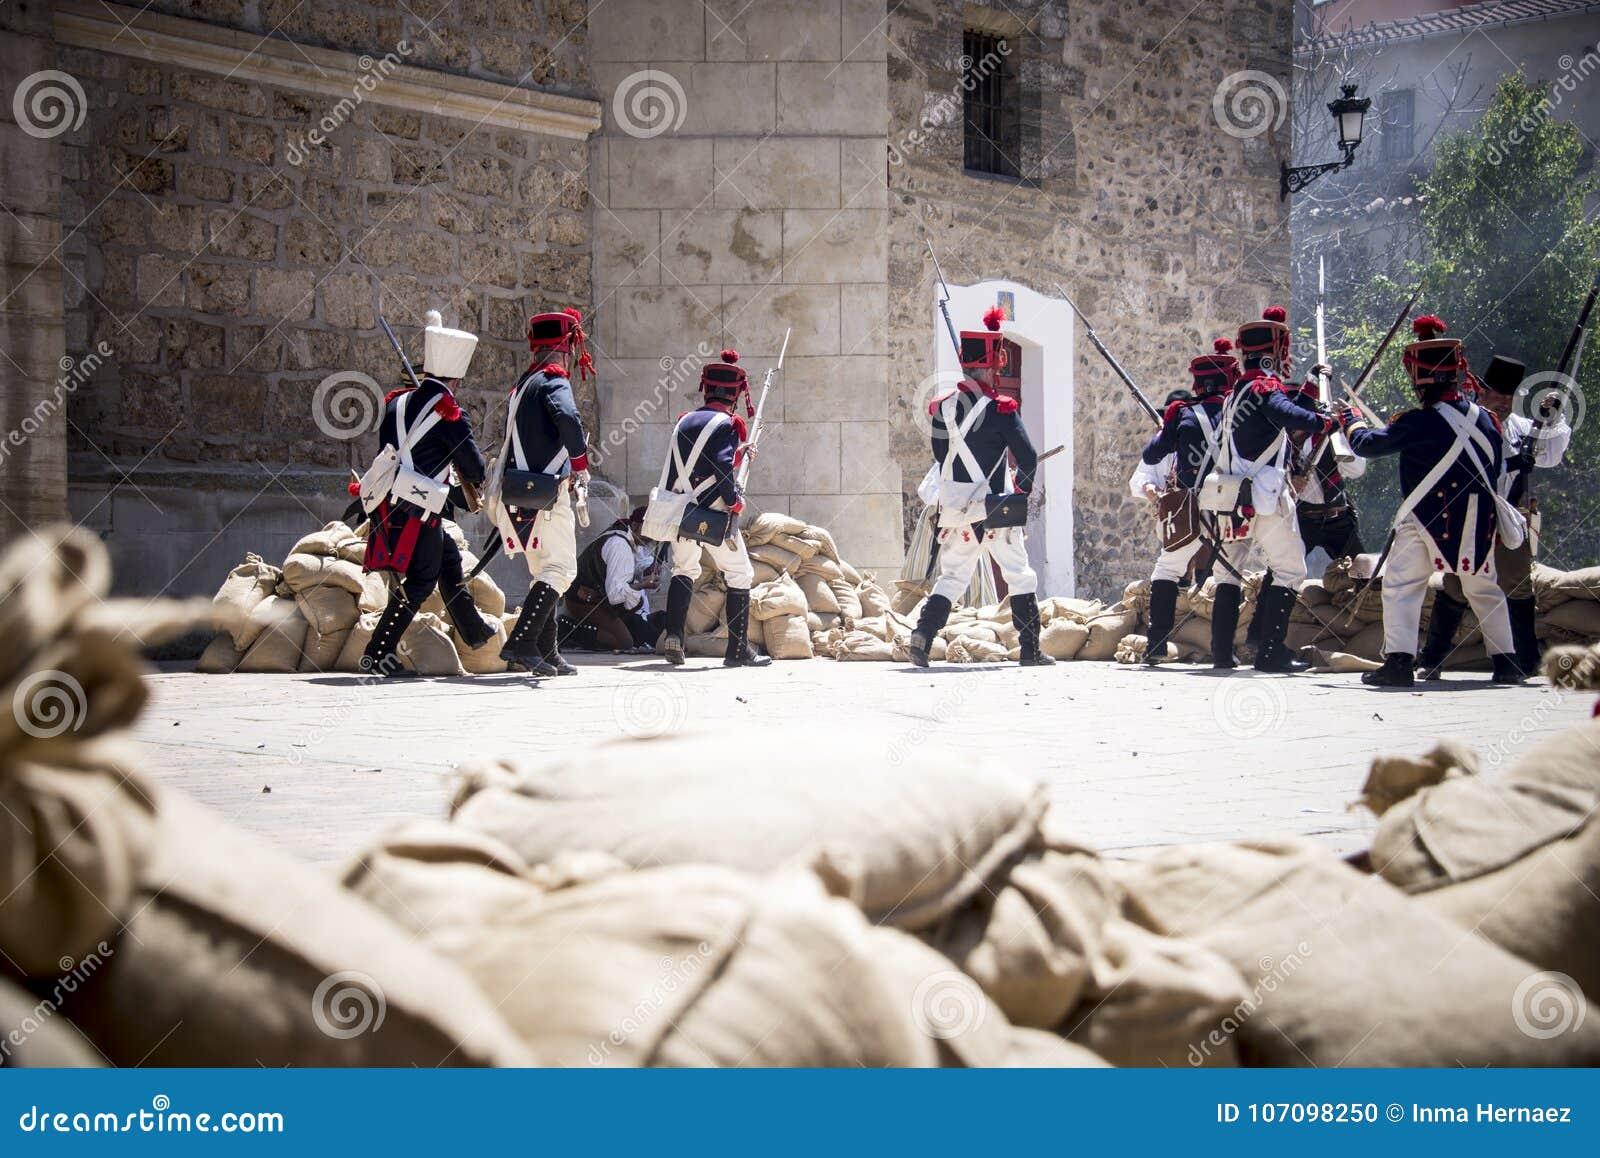 Odbudowa Napoleoński wojsko Wojsko na polu bitwy, Napoleoński oddział wojskowy